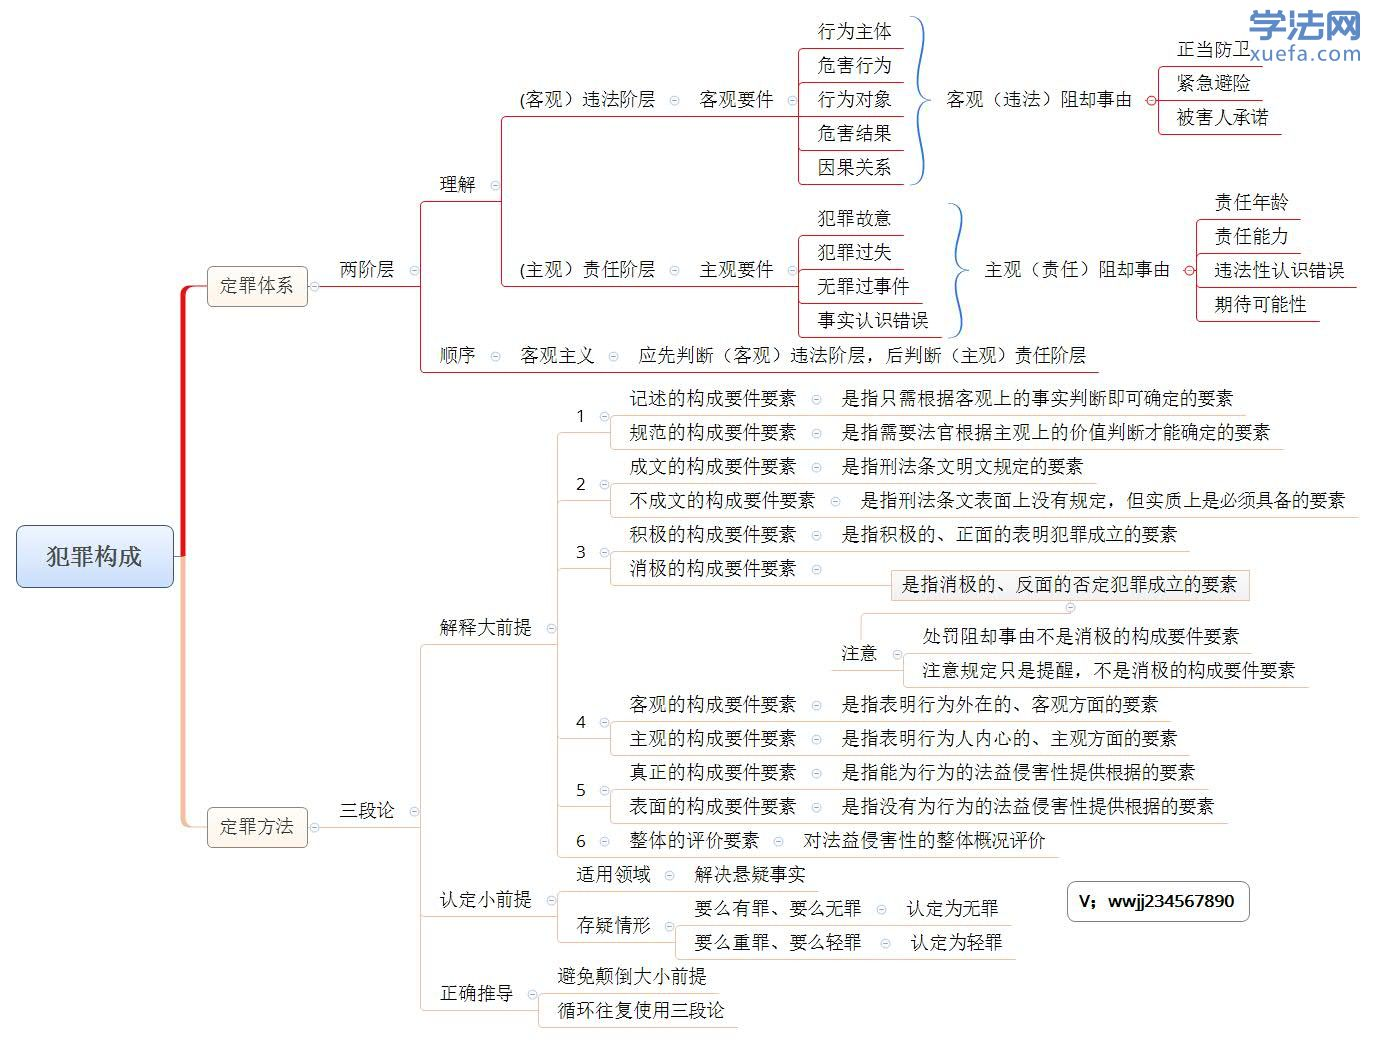 柏浪涛犯罪犯罪构成体系图.jpg